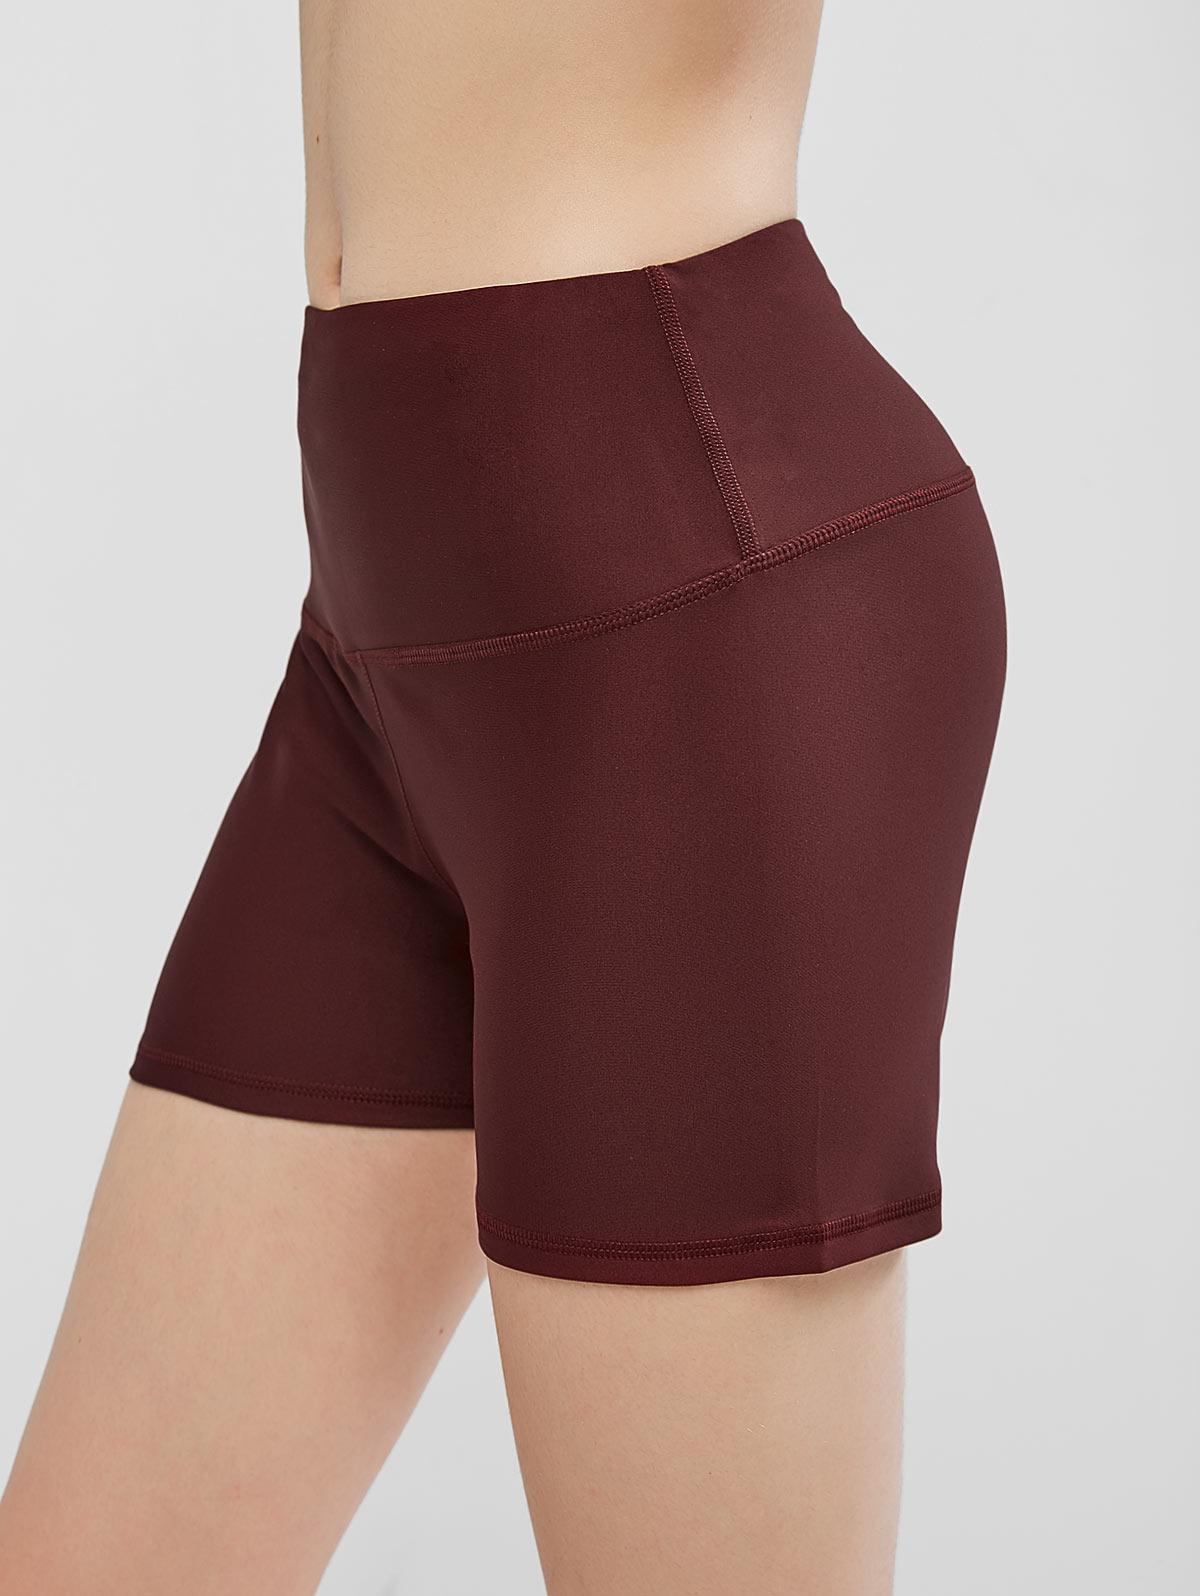 High Waisted Stitching Hidden Pocket Biker Shorts